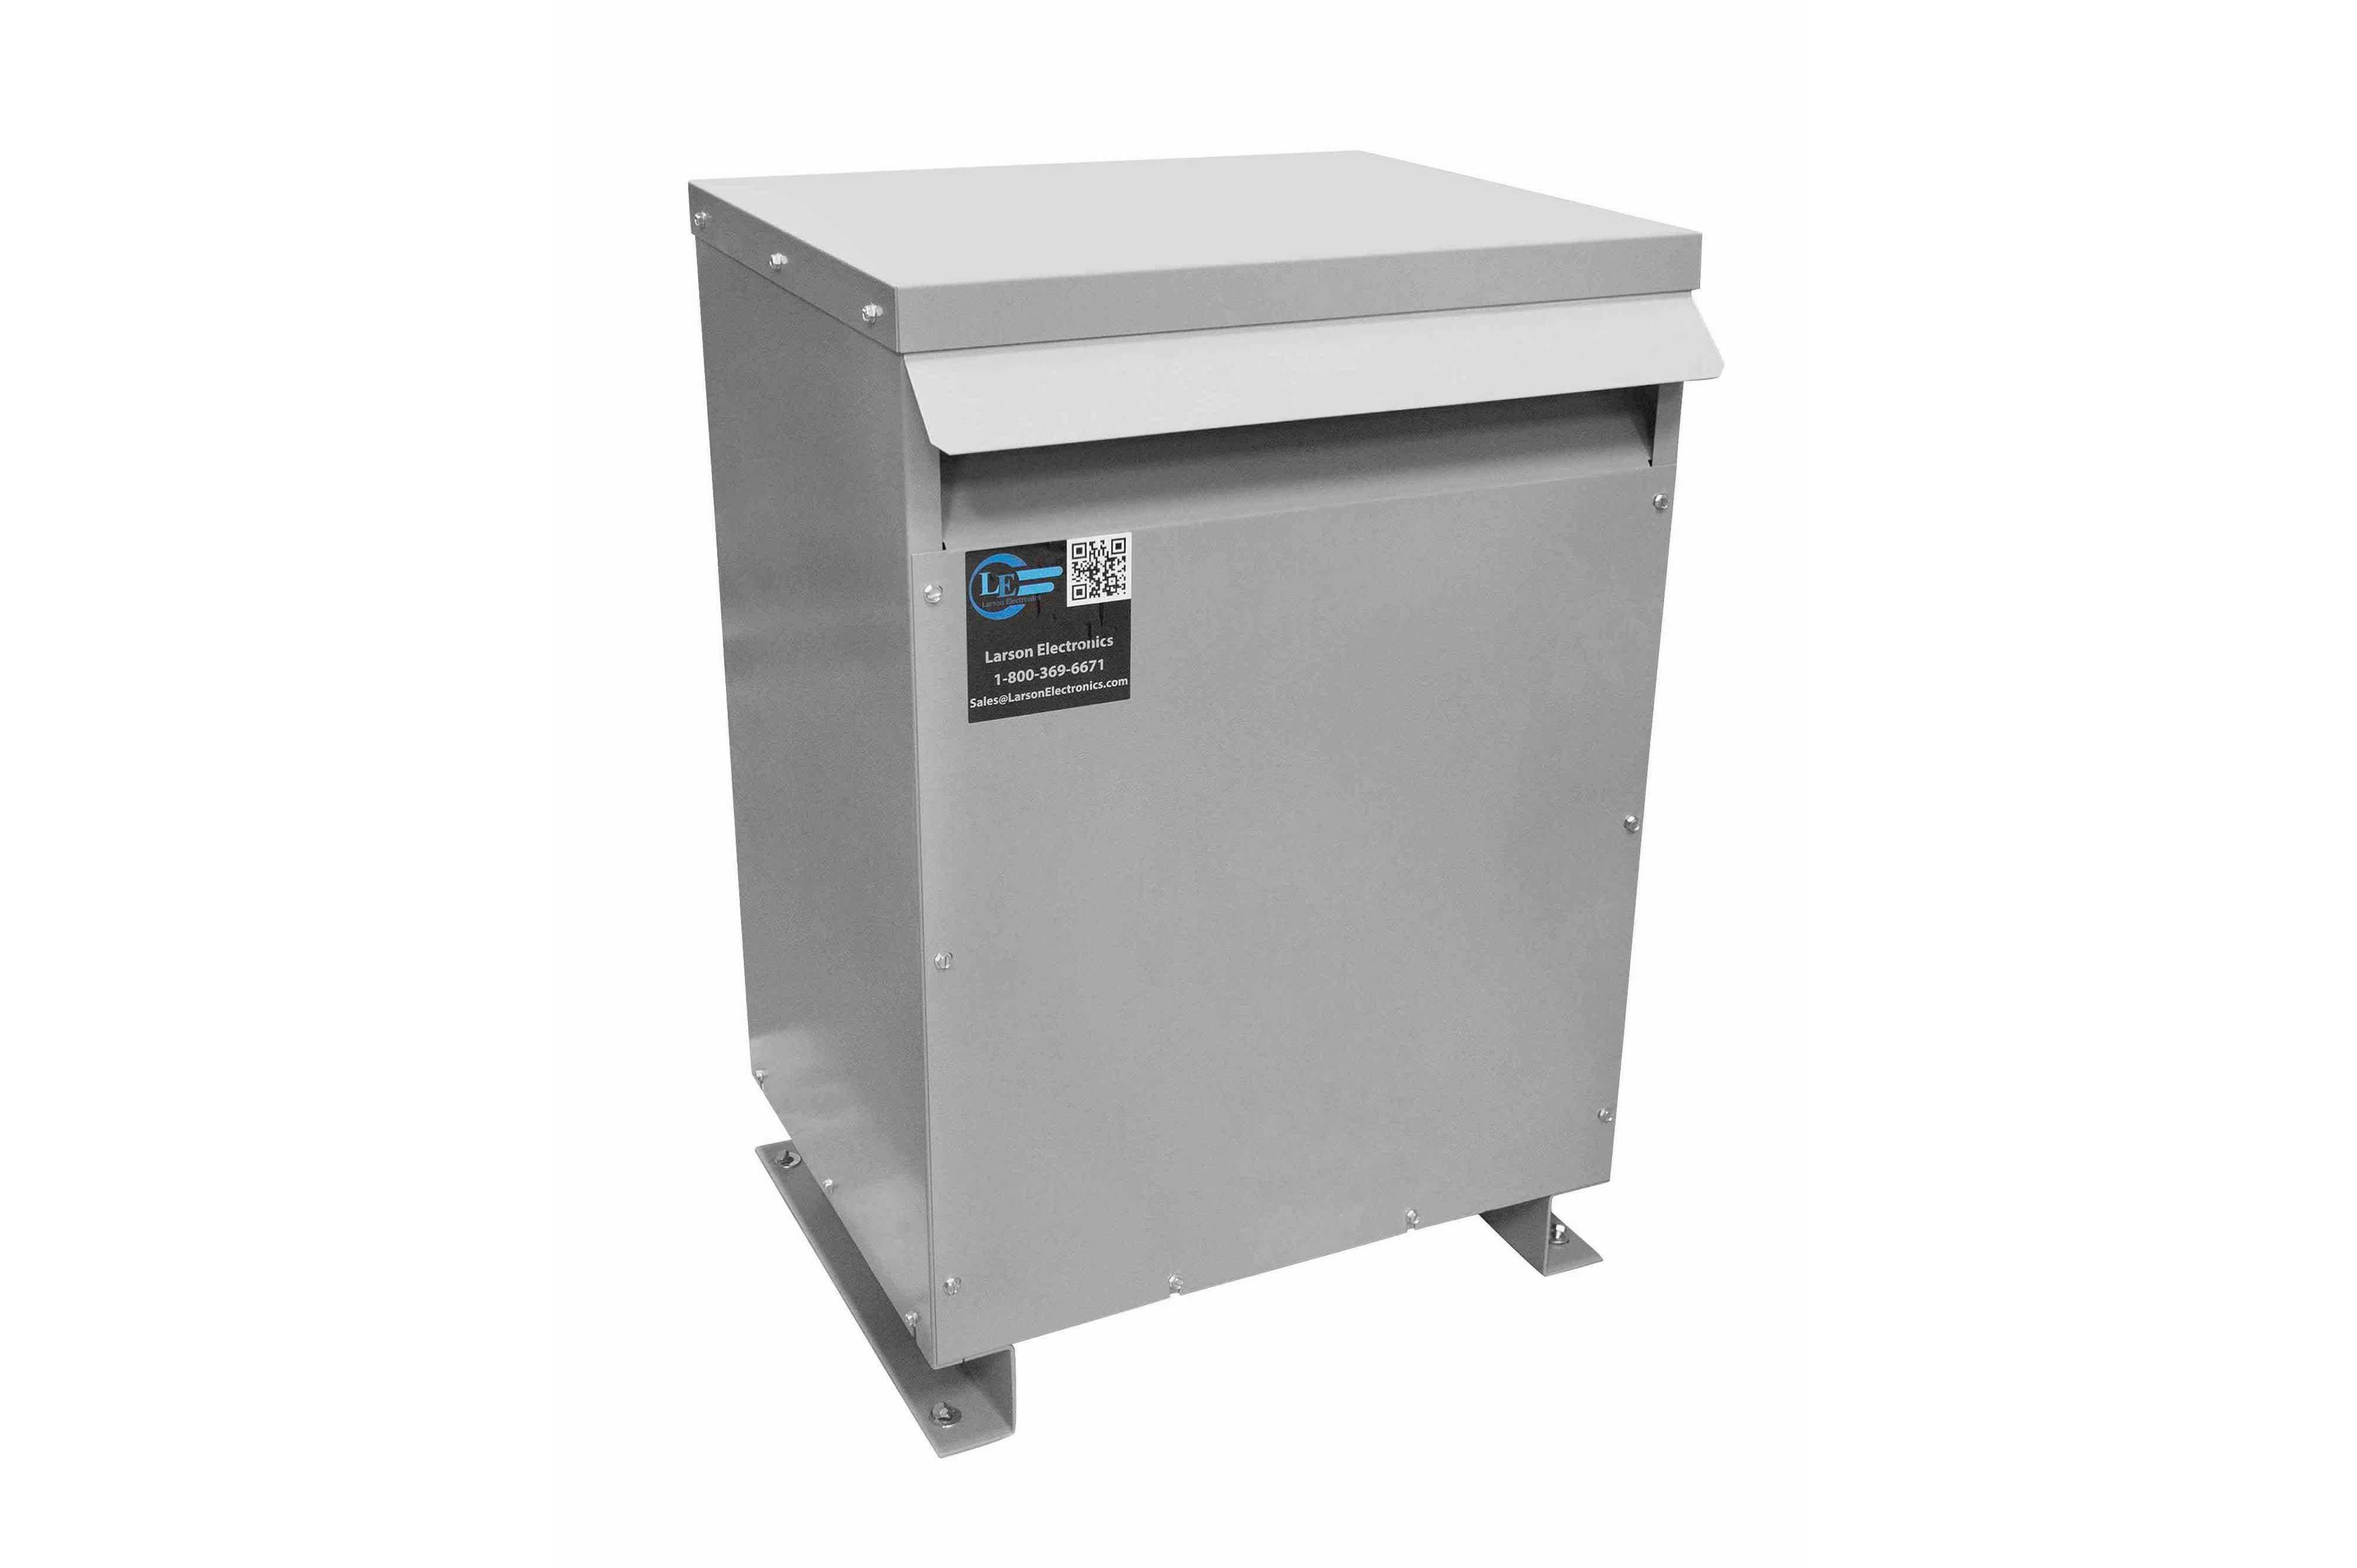 42.5 kVA 3PH Isolation Transformer, 400V Delta Primary, 240 Delta Secondary, N3R, Ventilated, 60 Hz